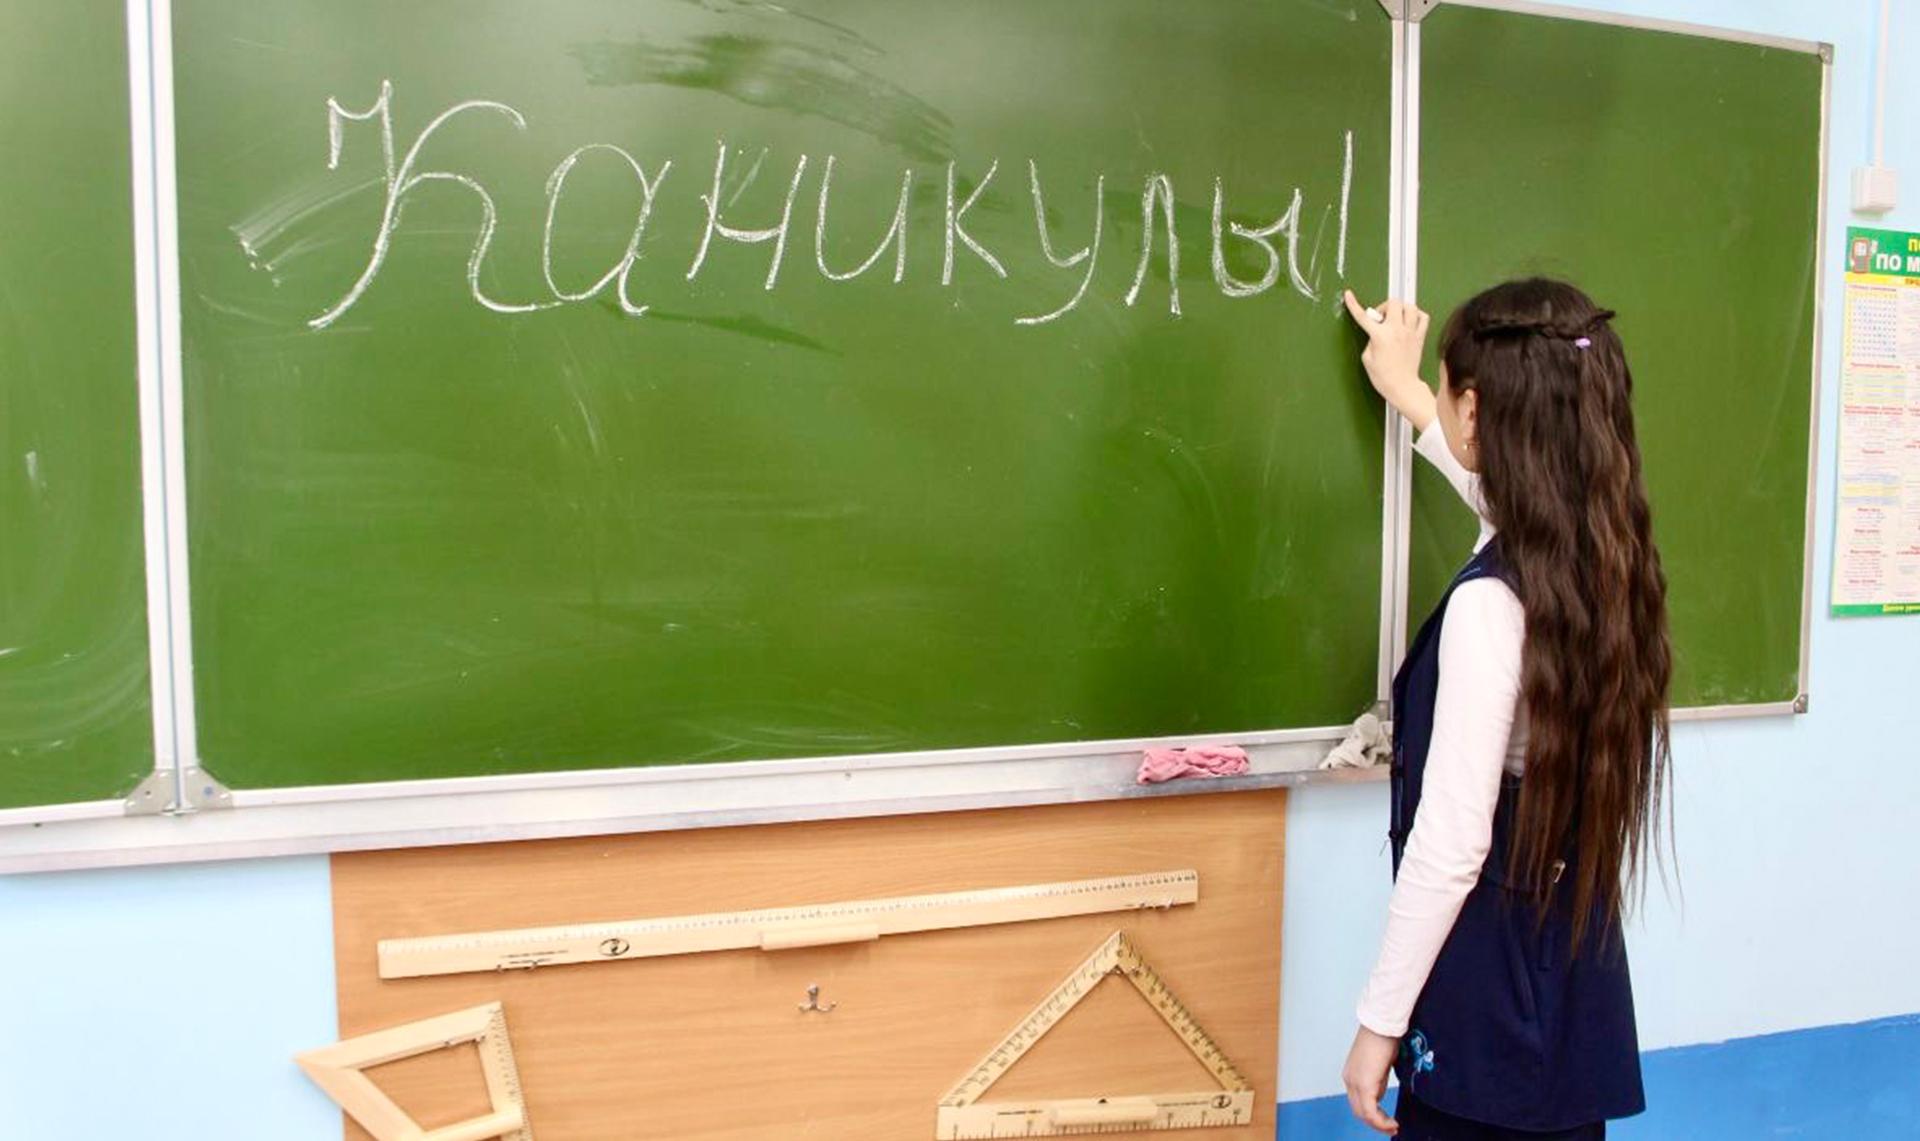 В Казахстане  сократили школьные каникулы в 2021/22 учебном году